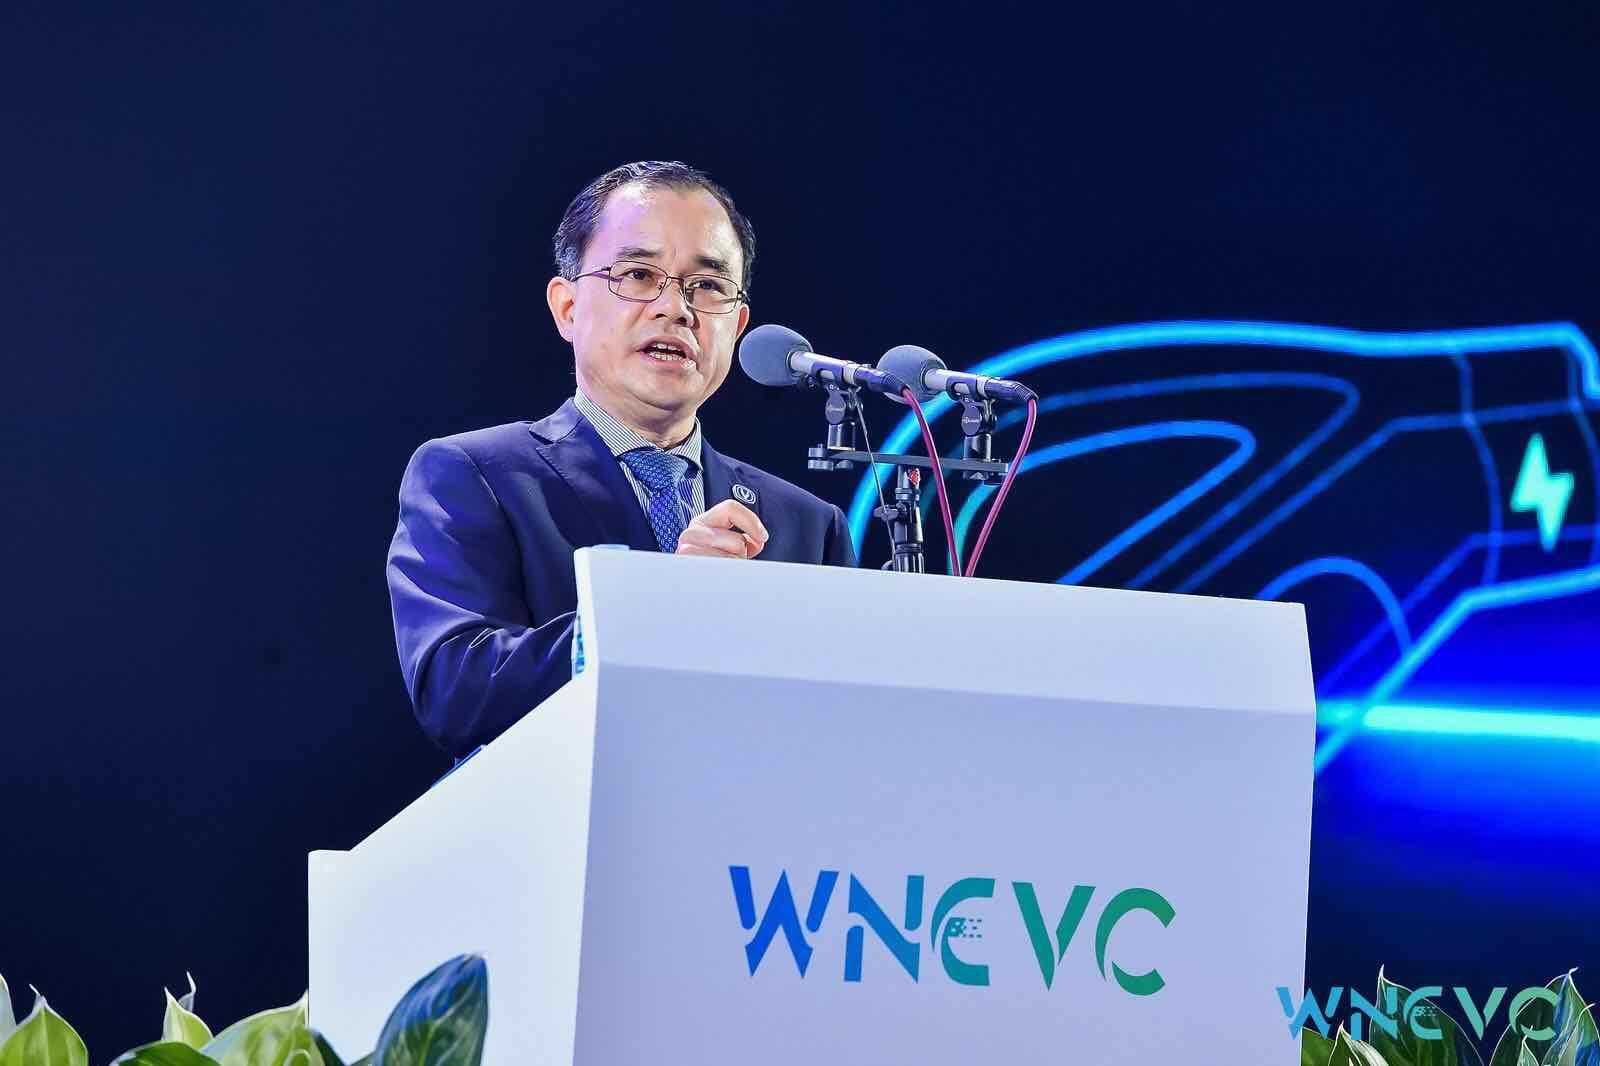 长安汽车朱华荣:2025年新能源车销量占比超25%